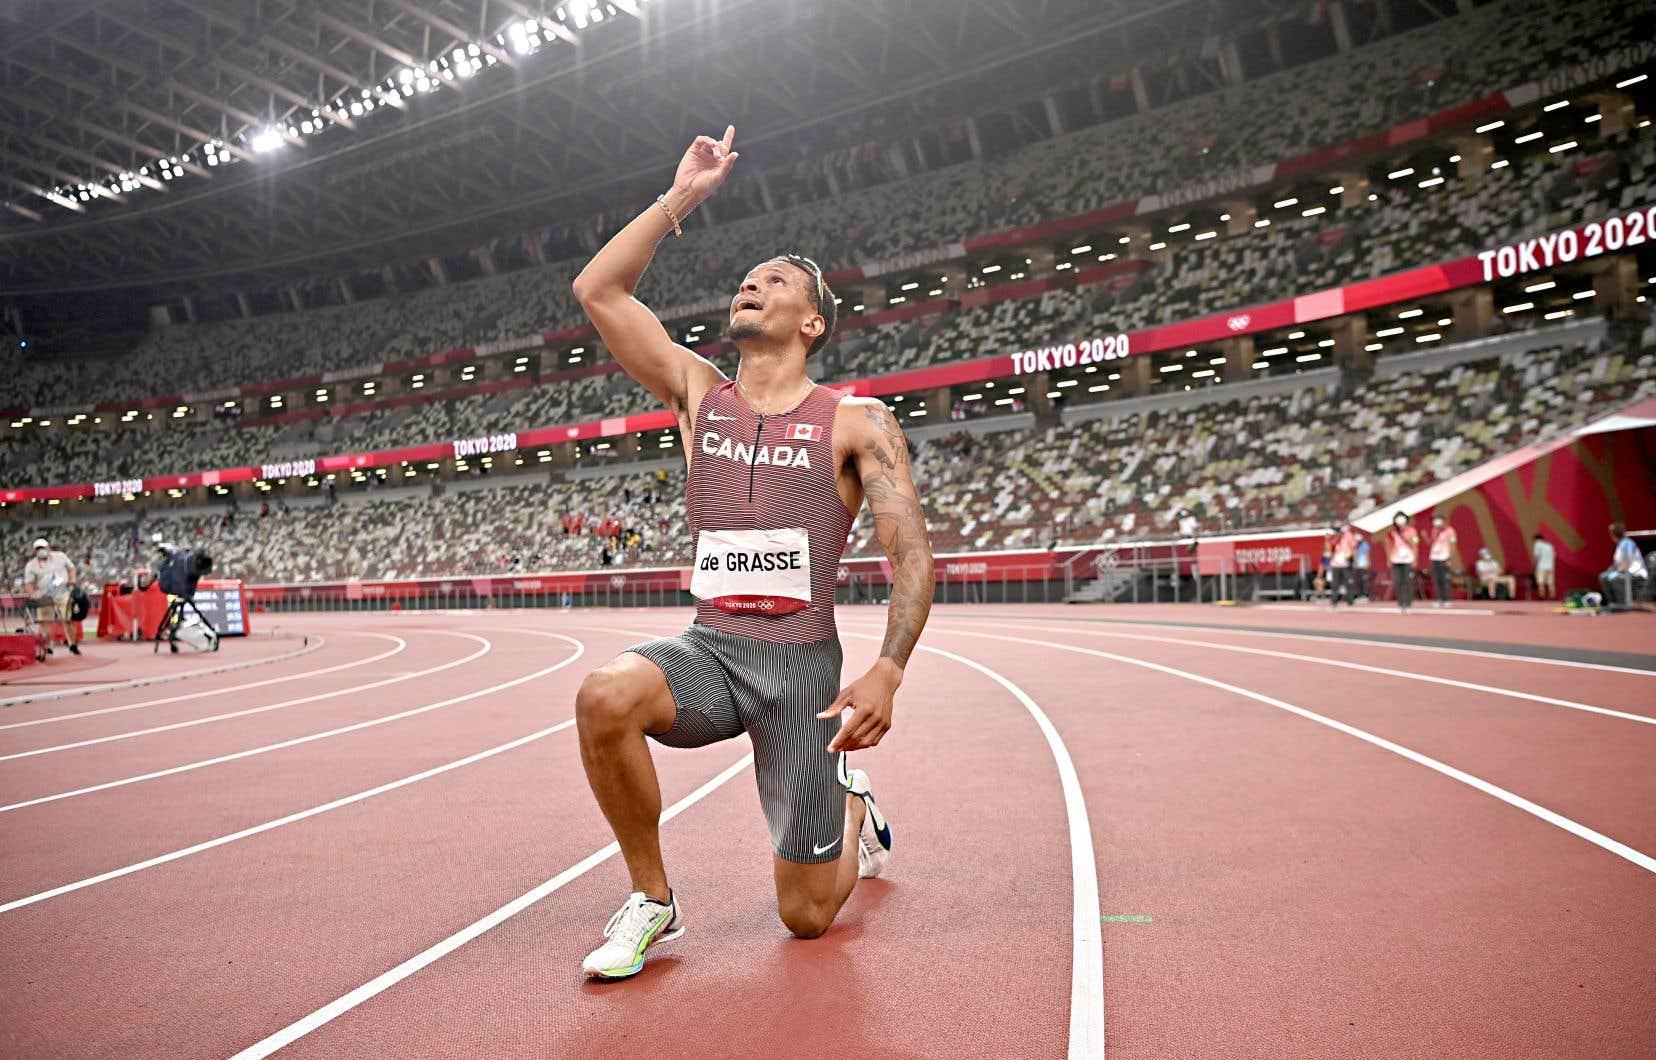 En plus de porter à cinq le total de ses médailles olympiques, le coureur ontarien a inscrit un nouveau record canadien de 19,62 secondes.